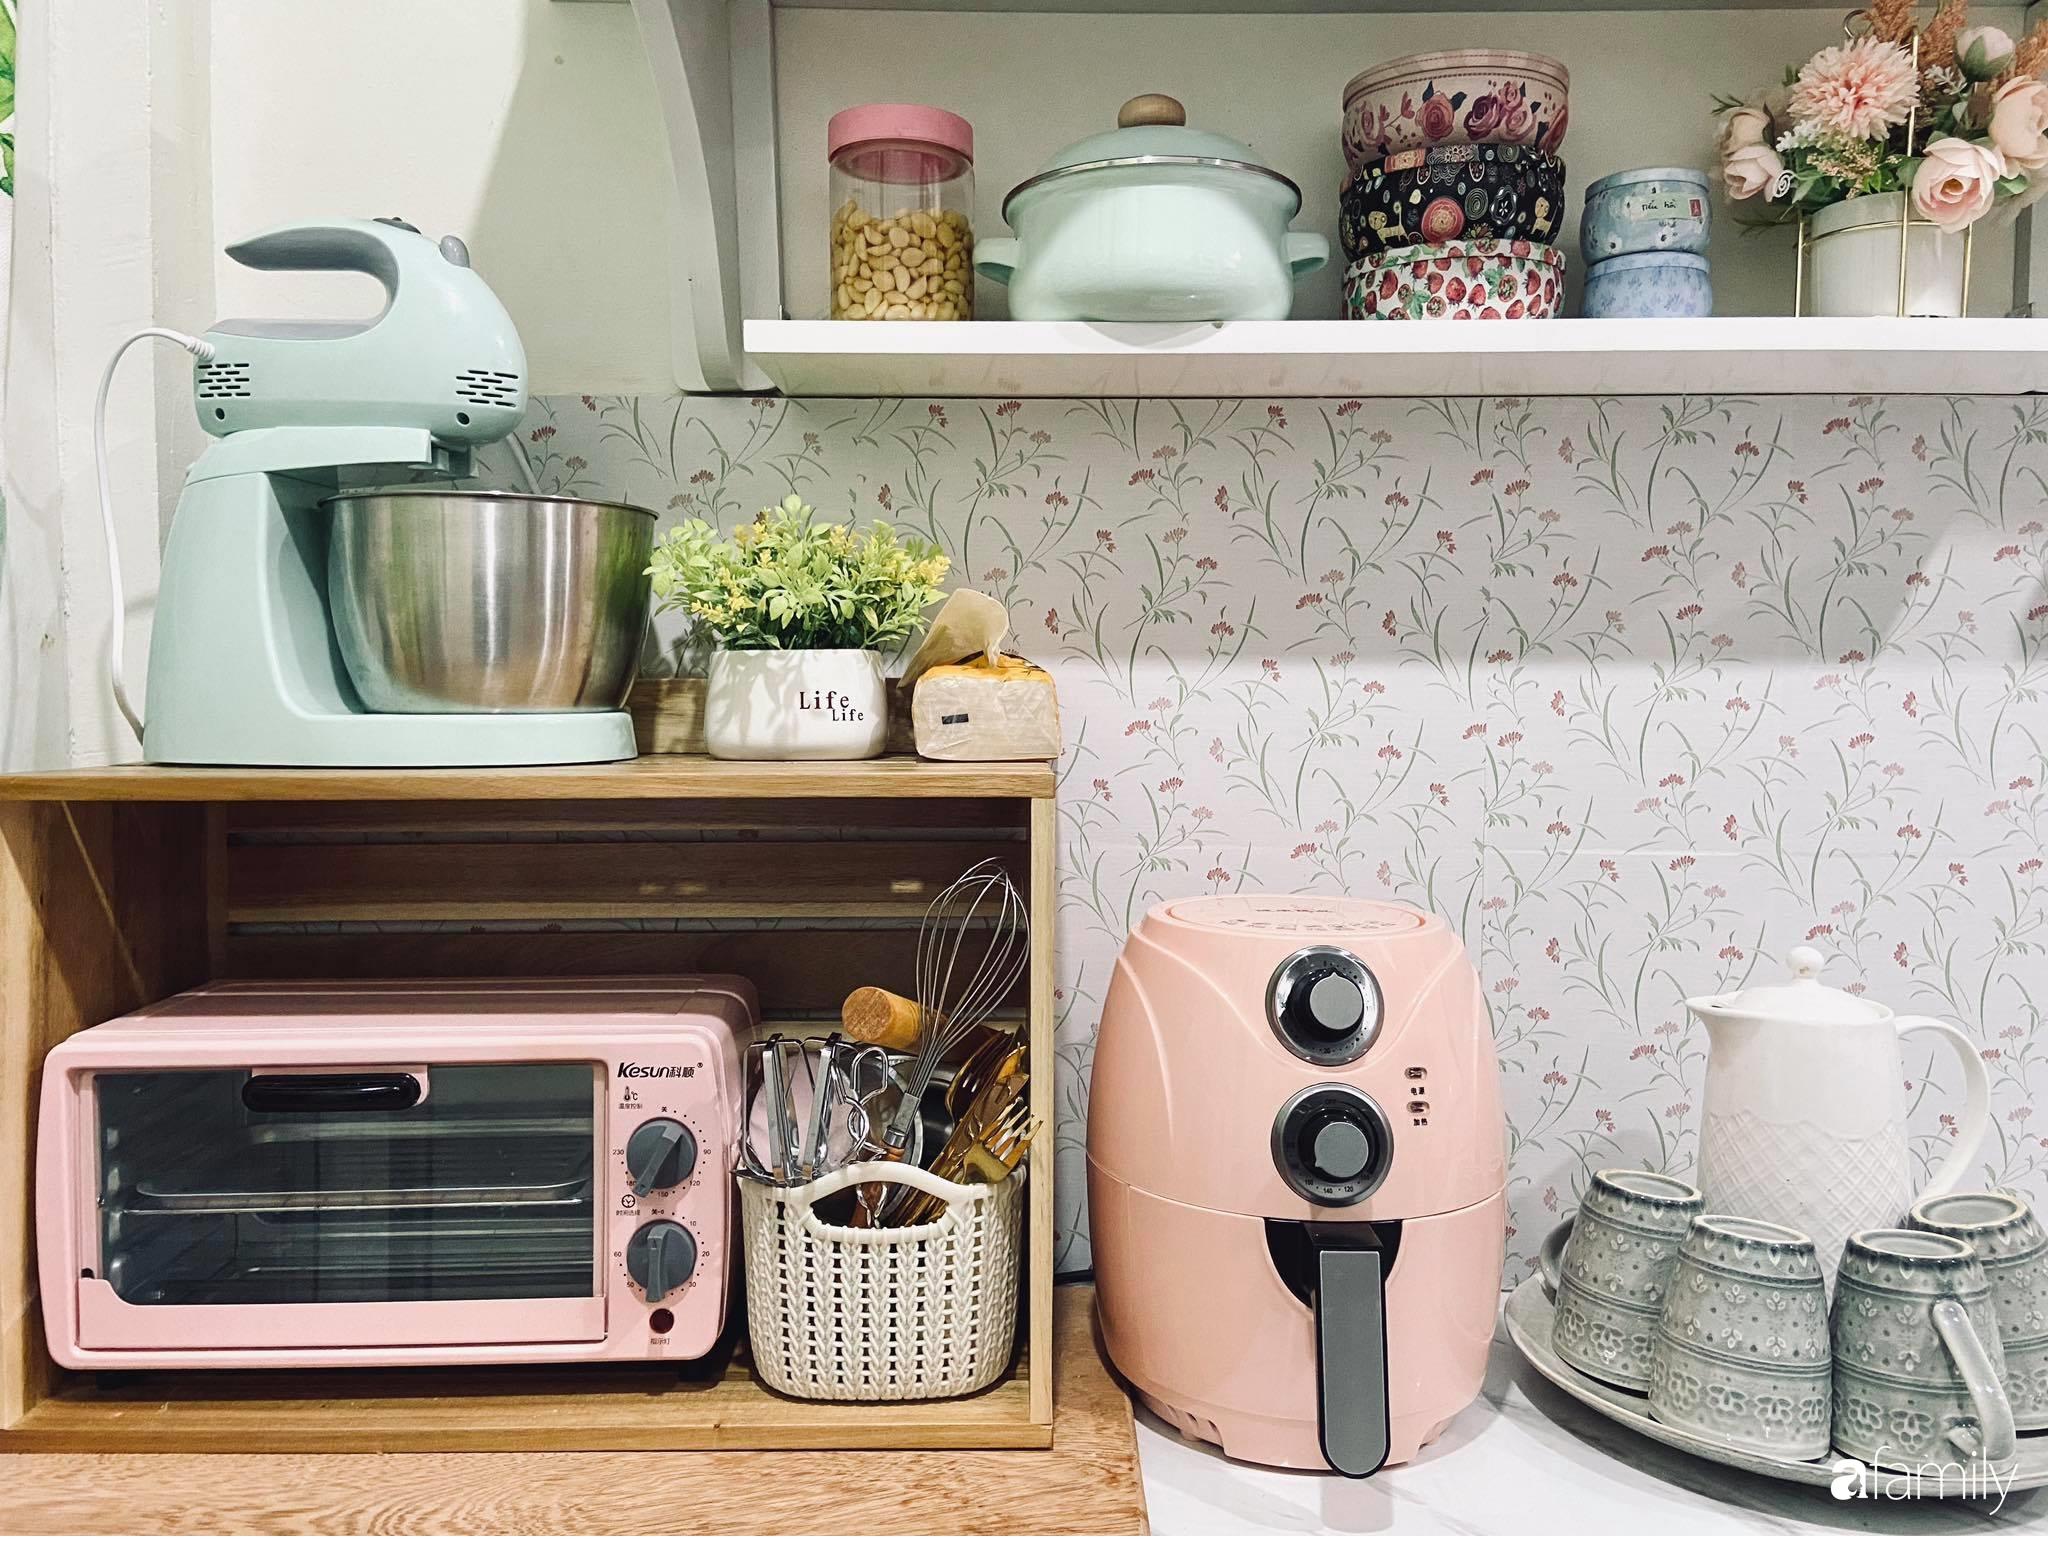 Căn bếp vừa gọn vừa xinh sau khi cải tạo với chi phí 2,6 triệu đồng của cô gái Hà Nội - Ảnh 11.